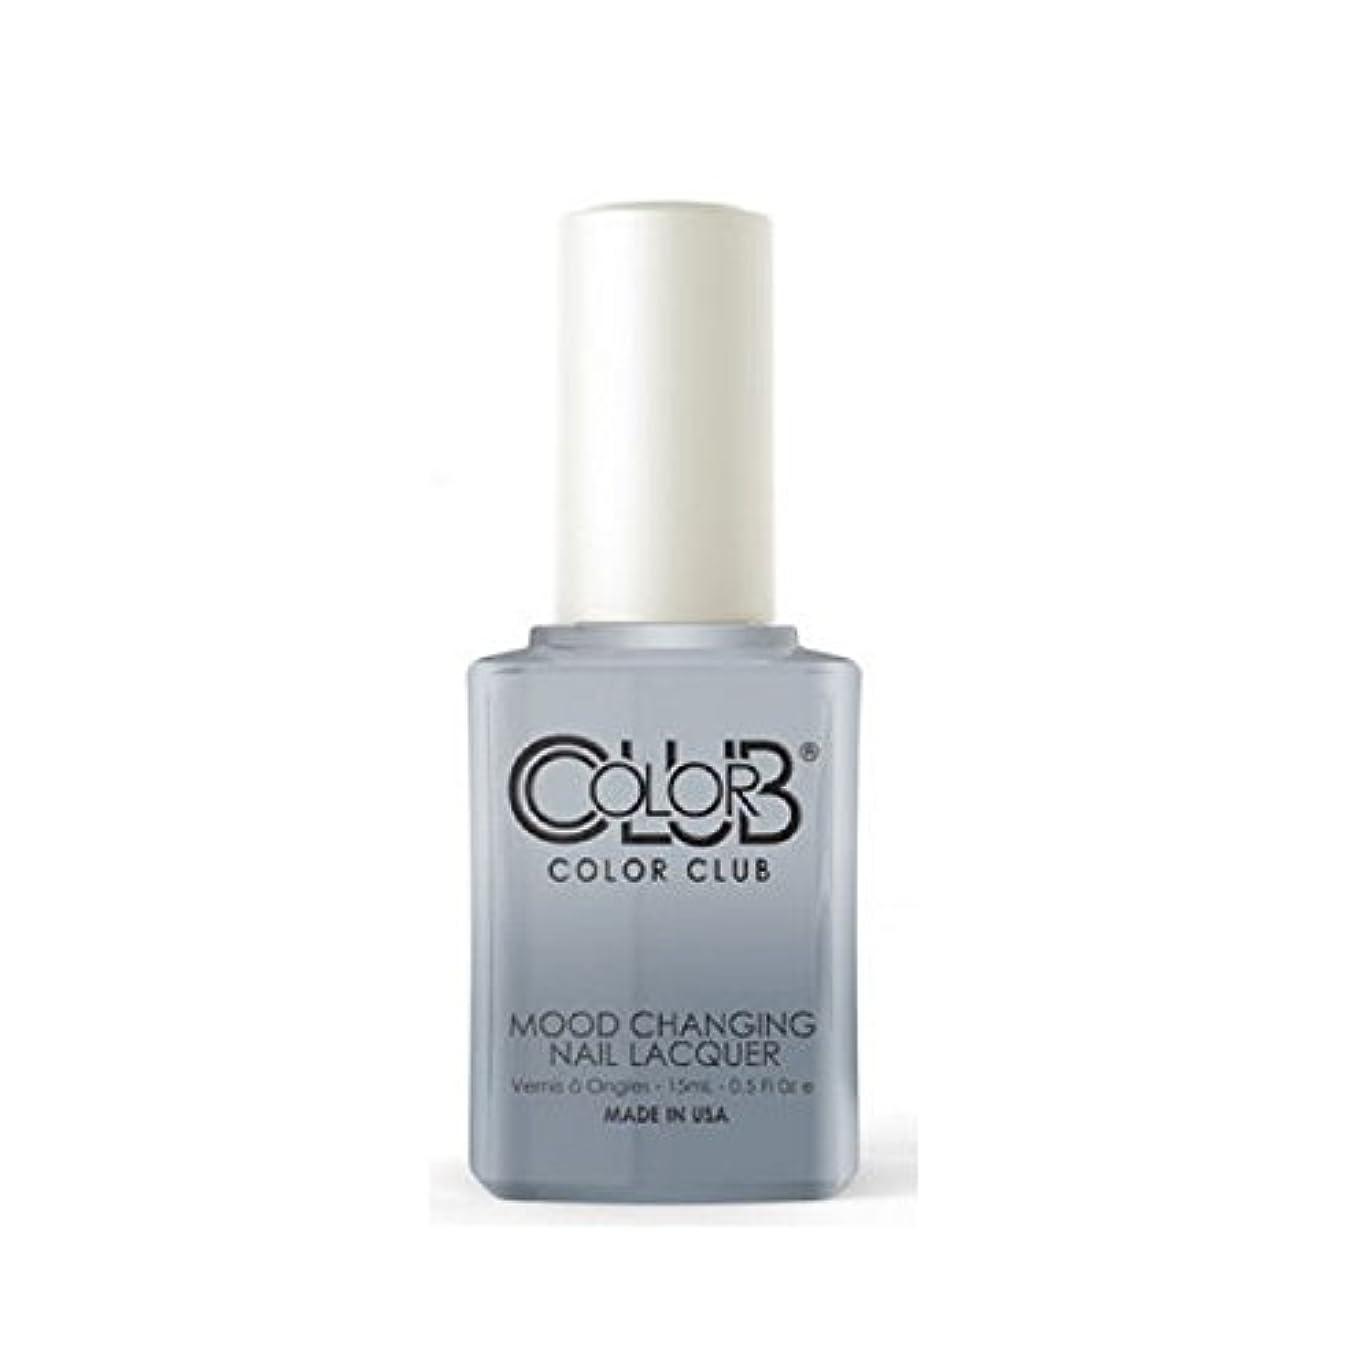 空洞生まれ弾丸Color Club Mood Changing Nail Lacquer - Head in the Clouds - 15 mL / 0.5 fl oz